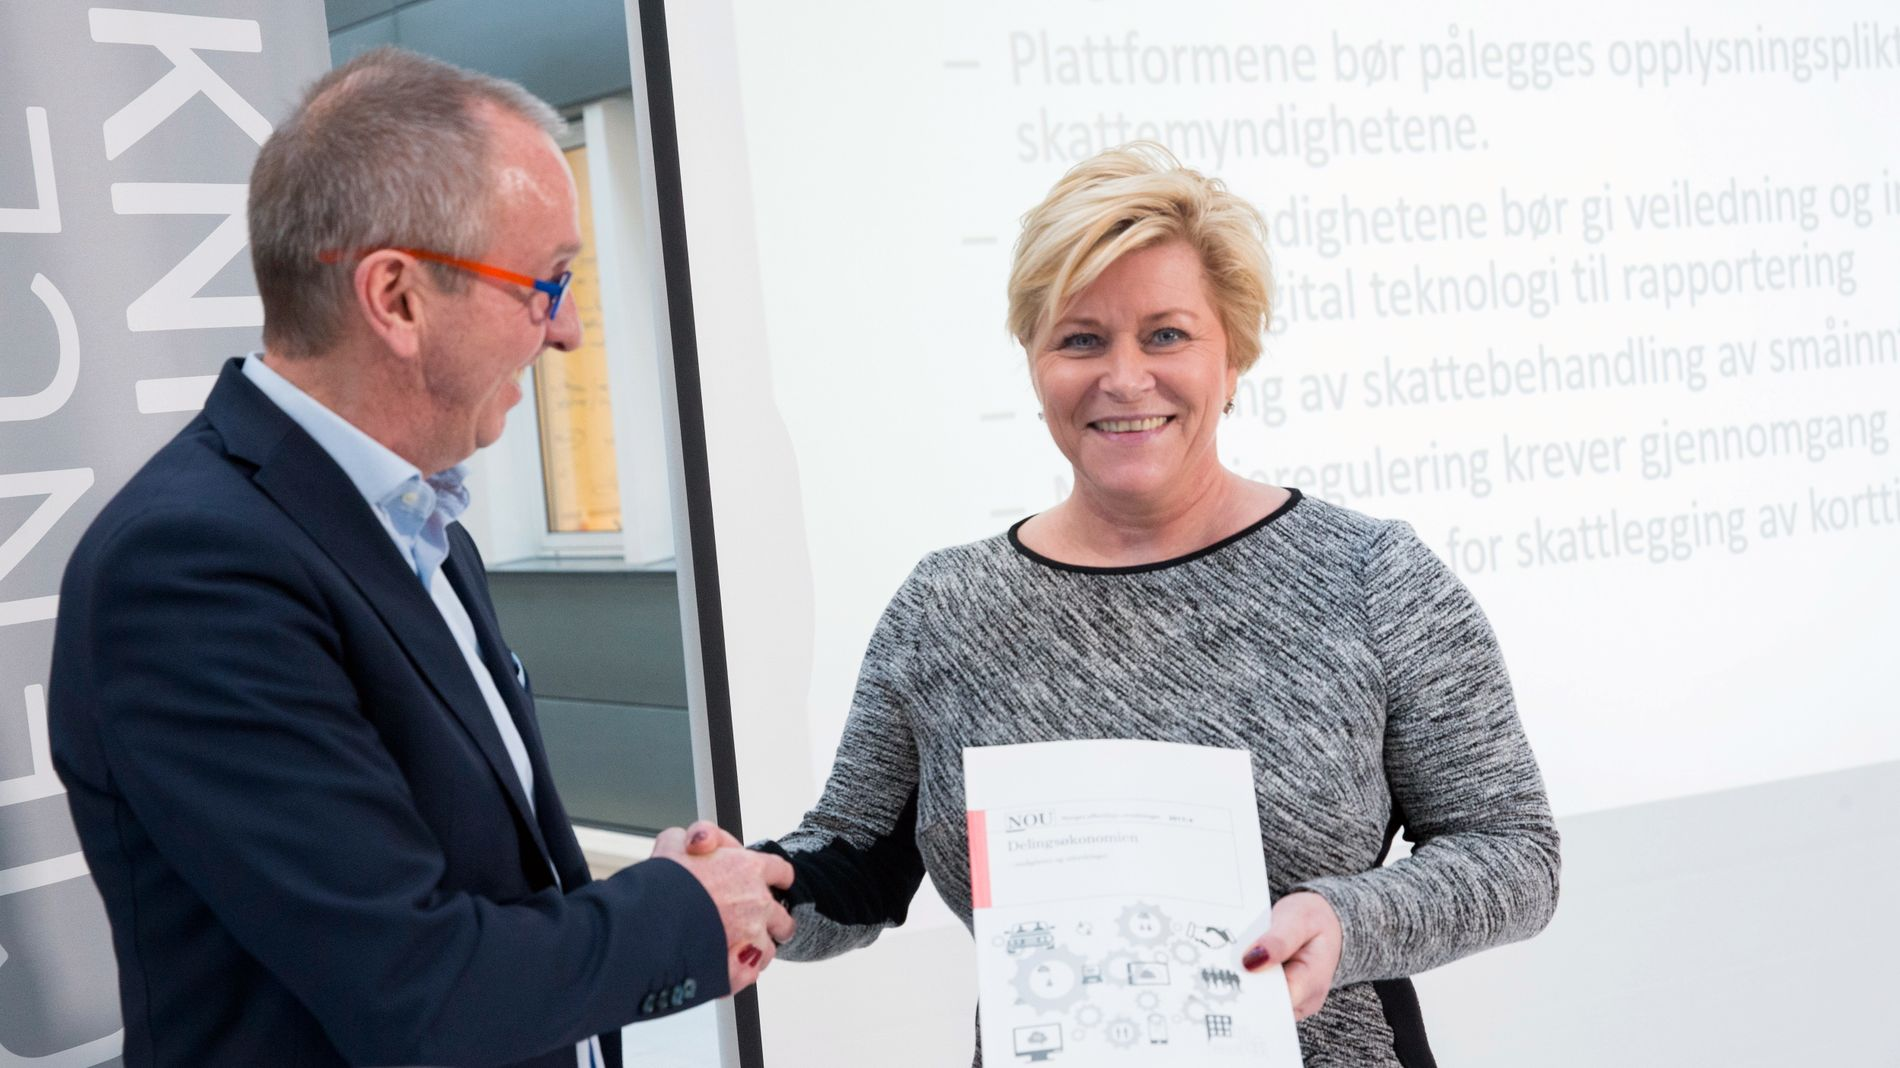 DELINGSØKONOMIUTVALGET: Utvalgsleder Tommy Staahl Gabrielsen overleverte finansminister Siv Jensen rapporten fra delingsøkonomiutvalget, som så på hvordan den nye delingsøkonomien skal brukes i Norge. nå legger Uber ned sin hovedtjeneste, i skuffelse over manglende regulering fra norske myndigheter.